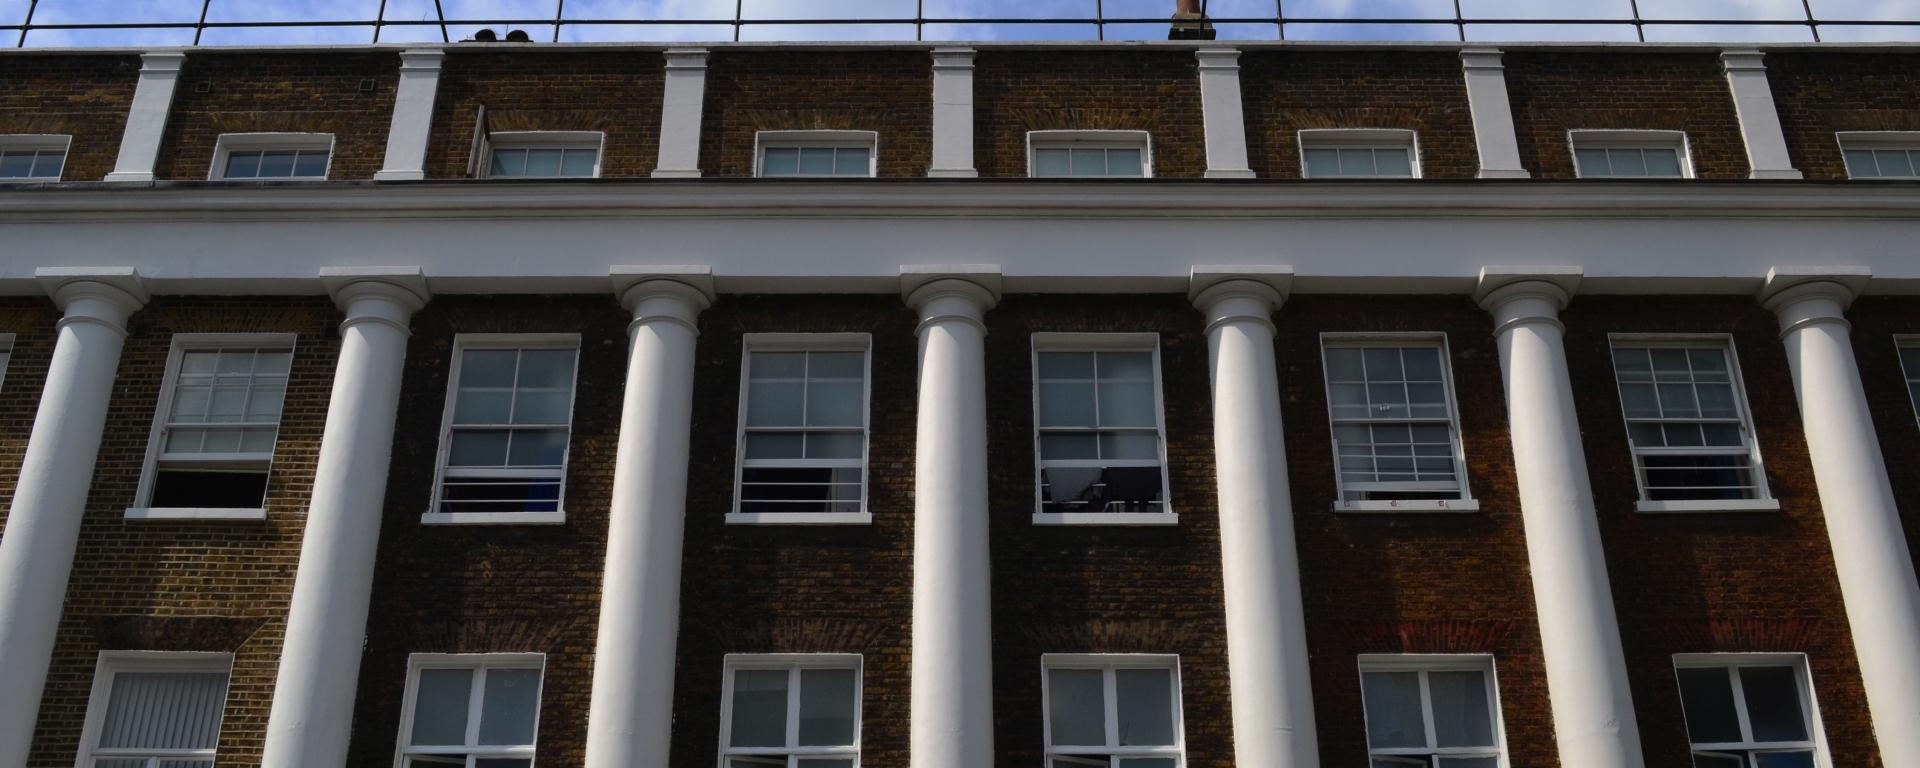 Georgian terraces on Guilford Street in Bloomsbury, London